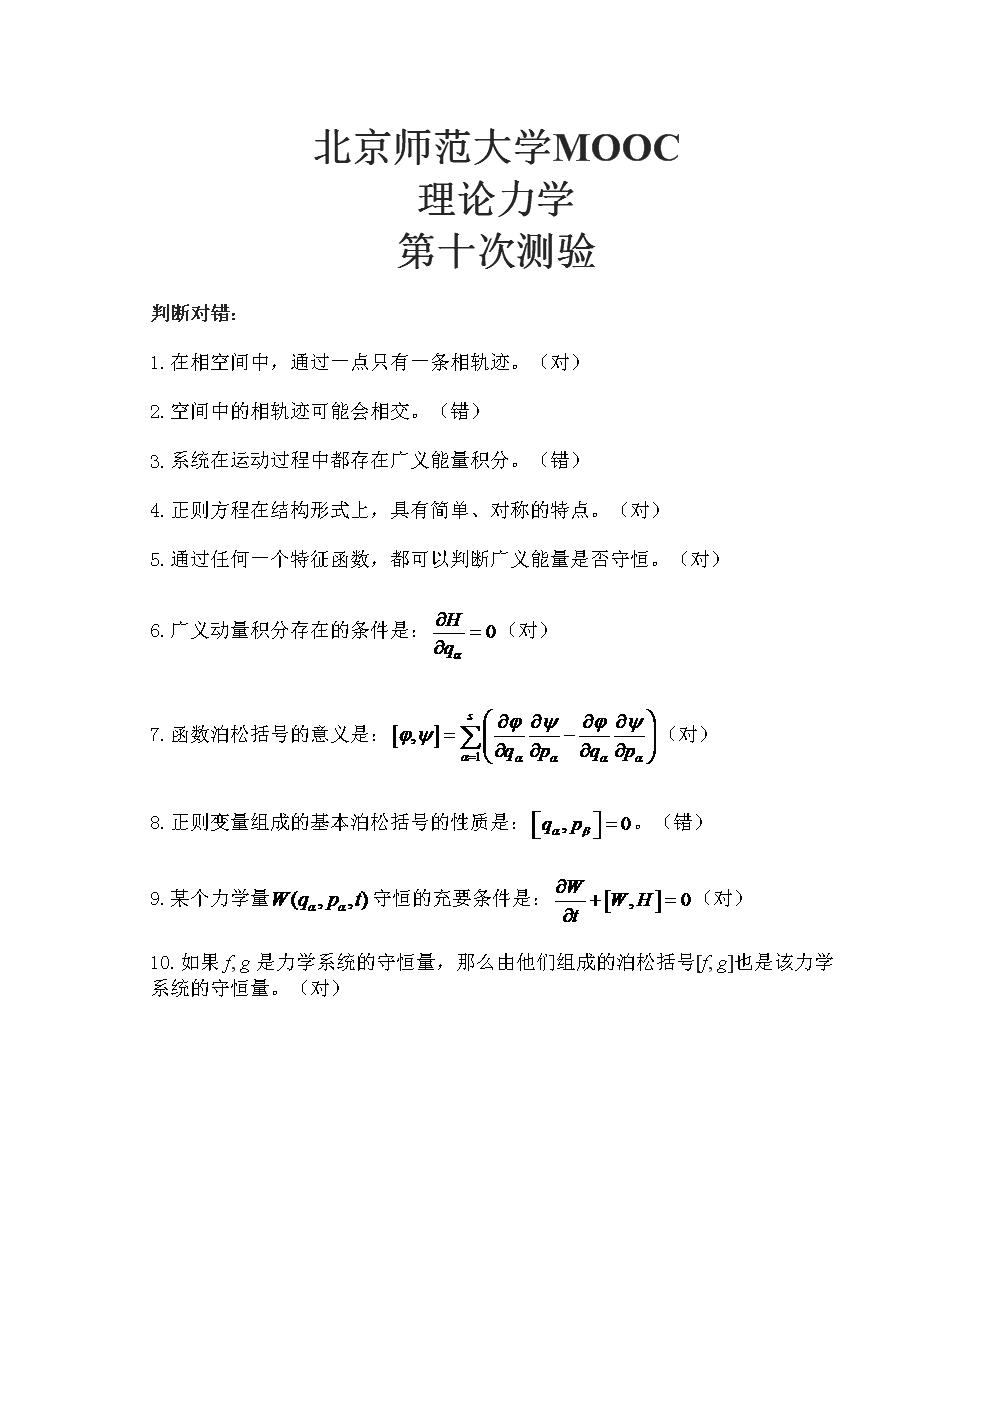 【北師大MOOC】(含答案)理論力學第十次測驗.docx